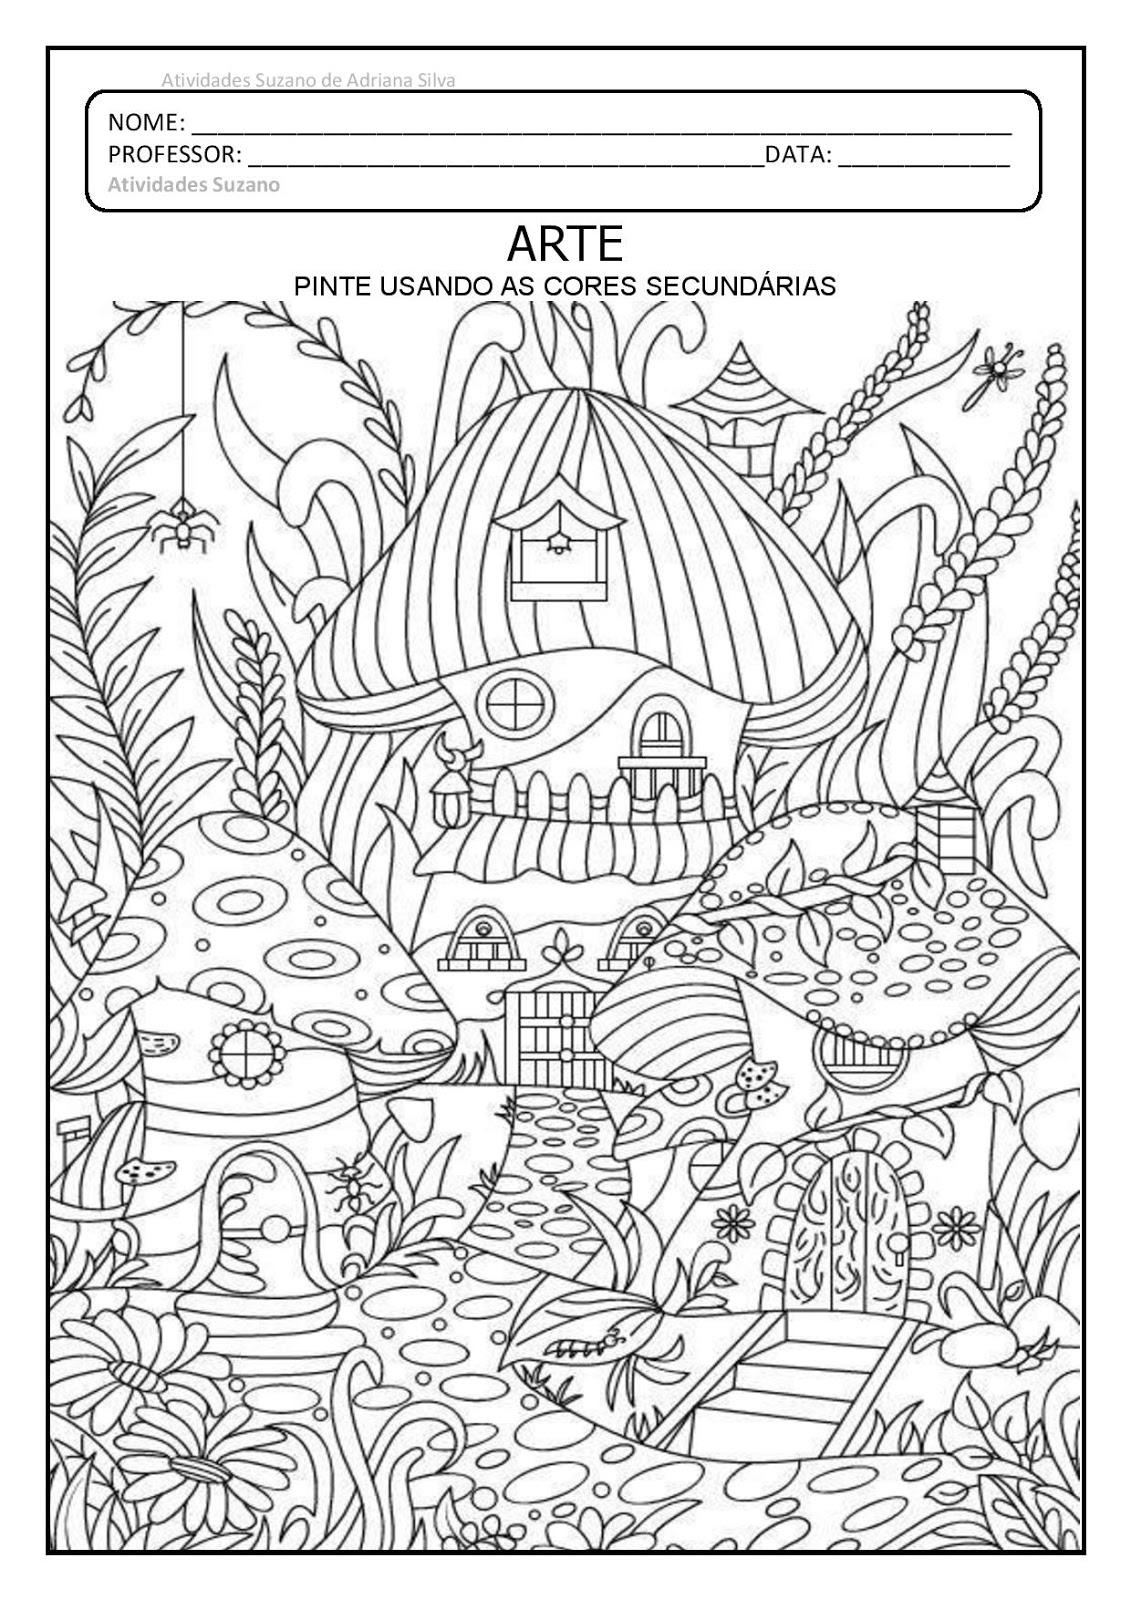 Atividades Pedagogica Suzano Arte Atividades De Artes Visuais